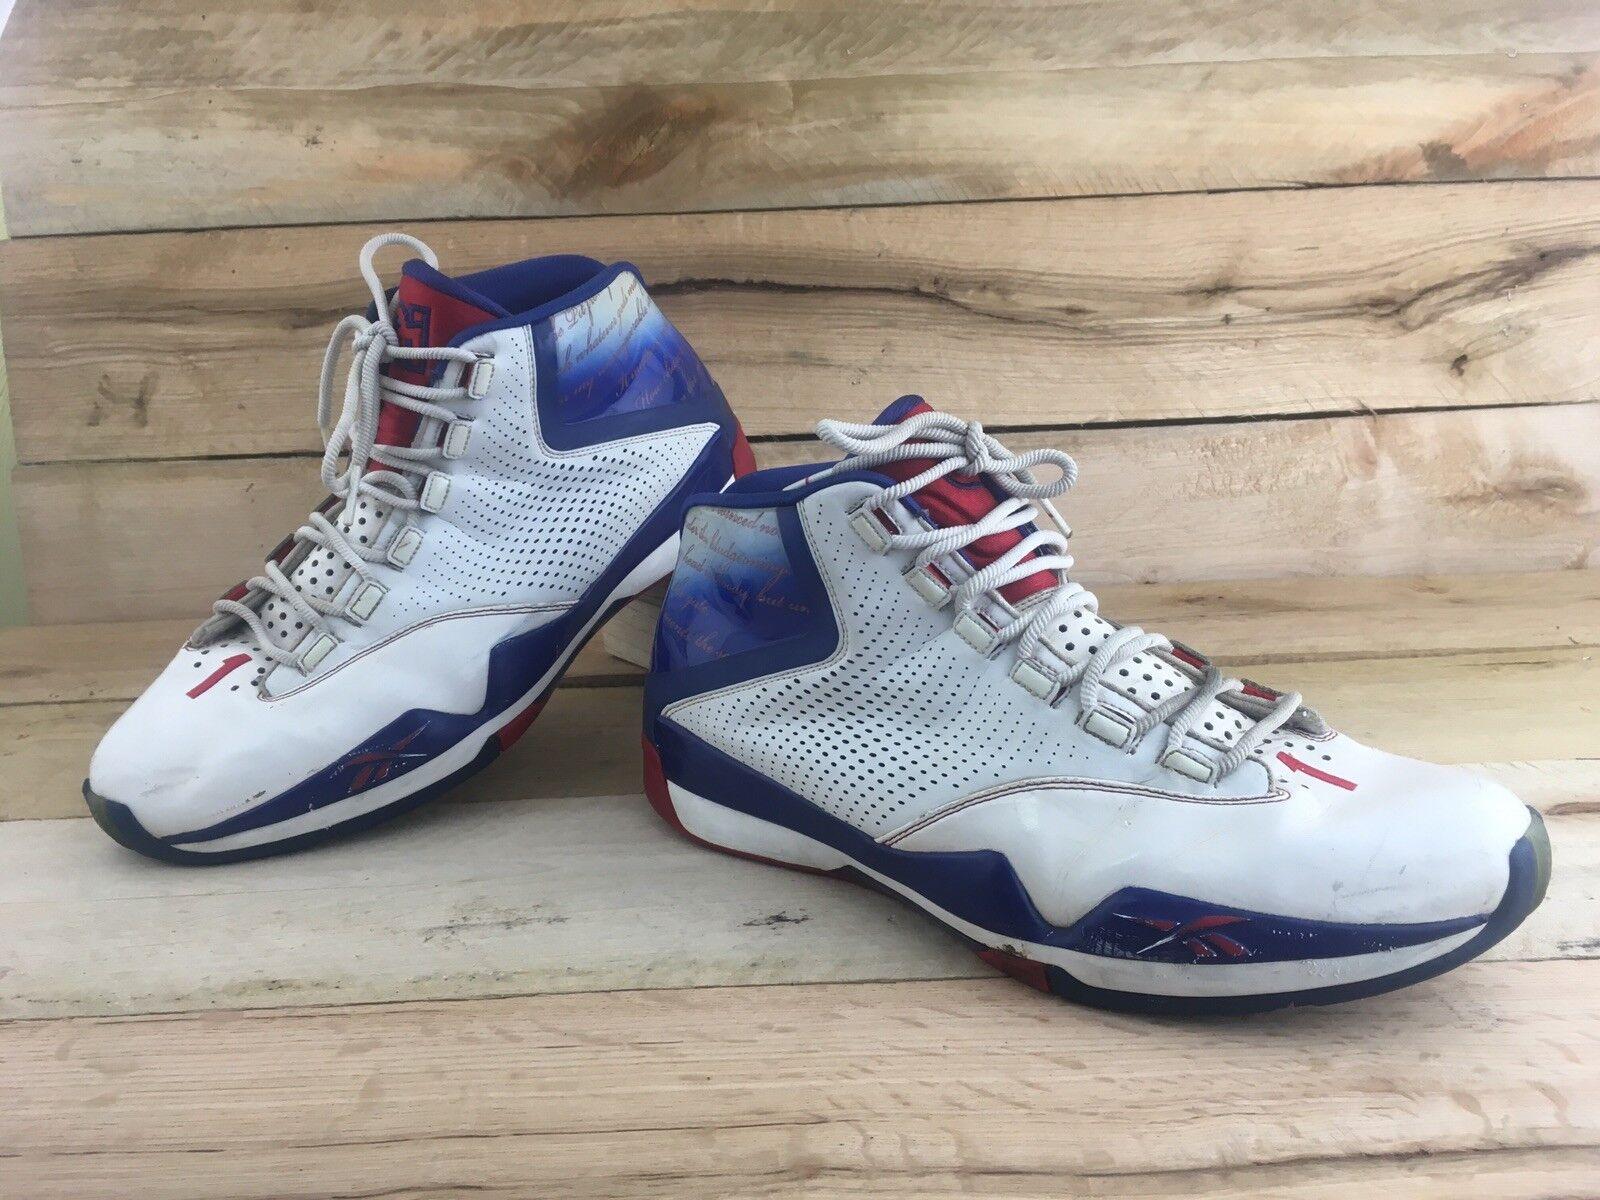 Reebok Mens White bluee Answer XII shoes Allen Iverson Basketball 4-J11339 Sz 14